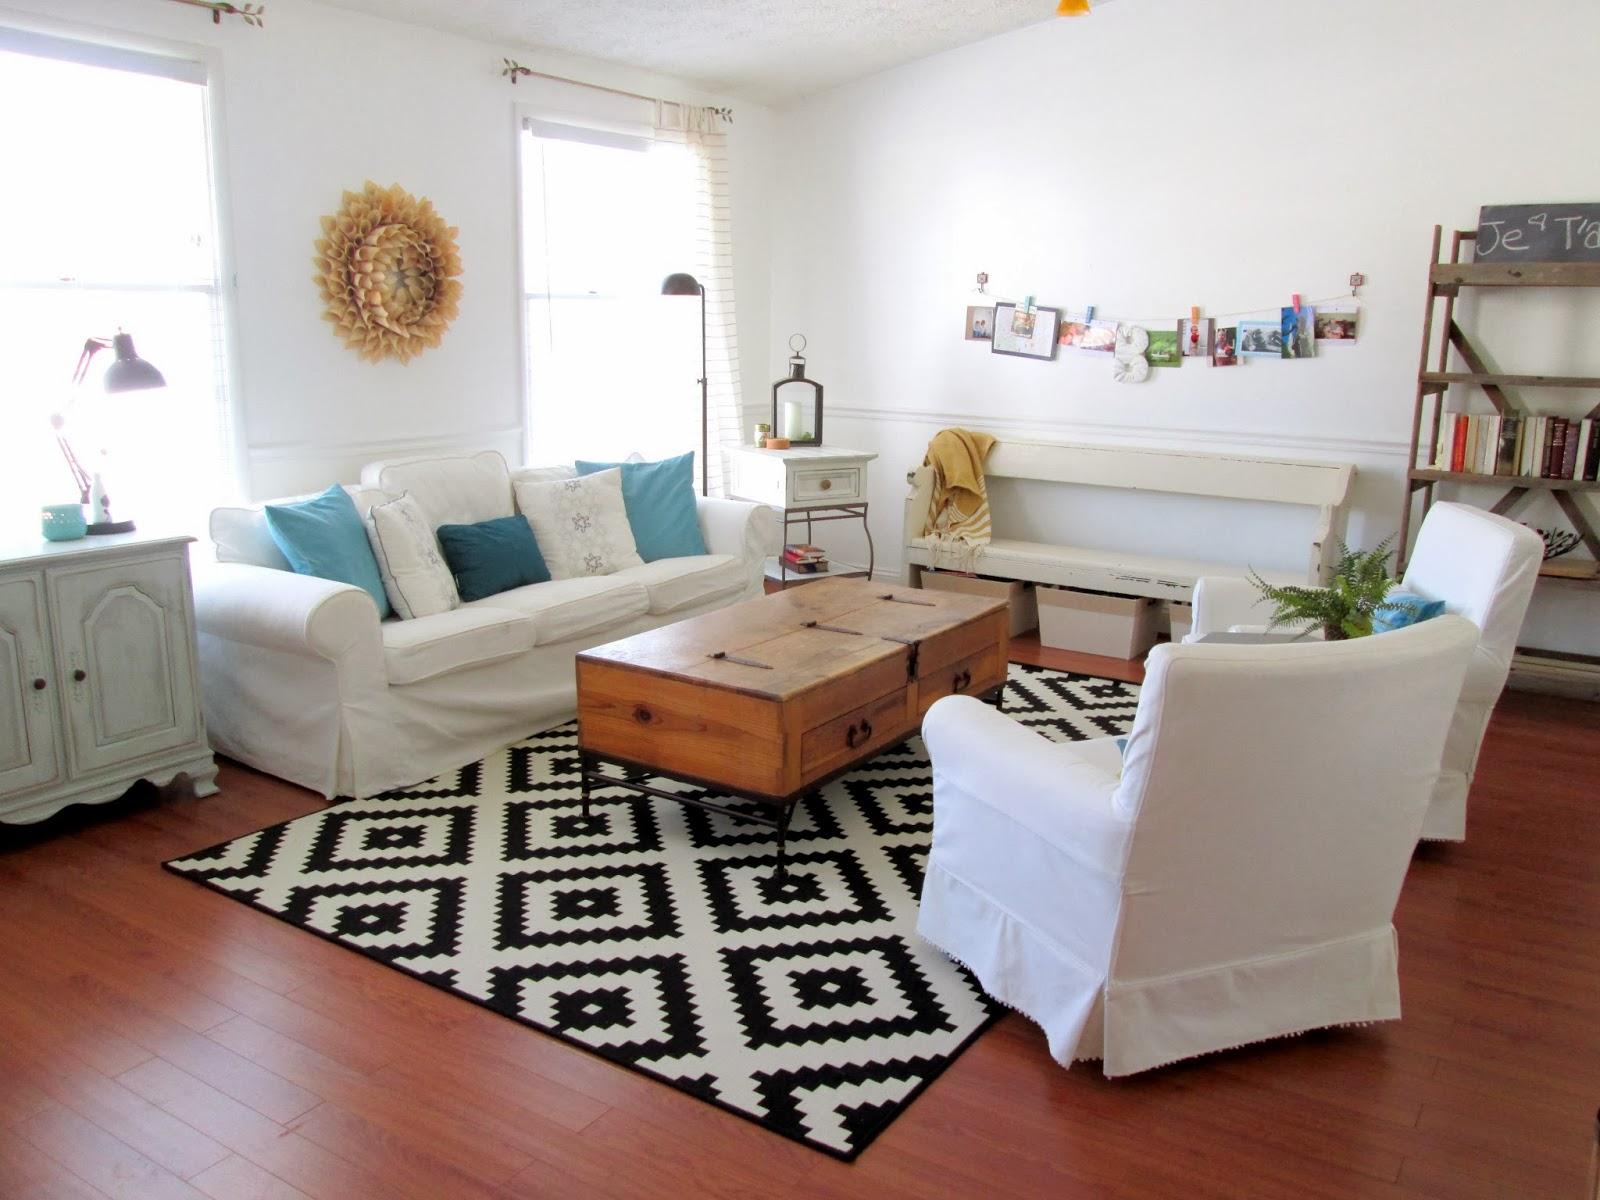 new+living+room2.jpg